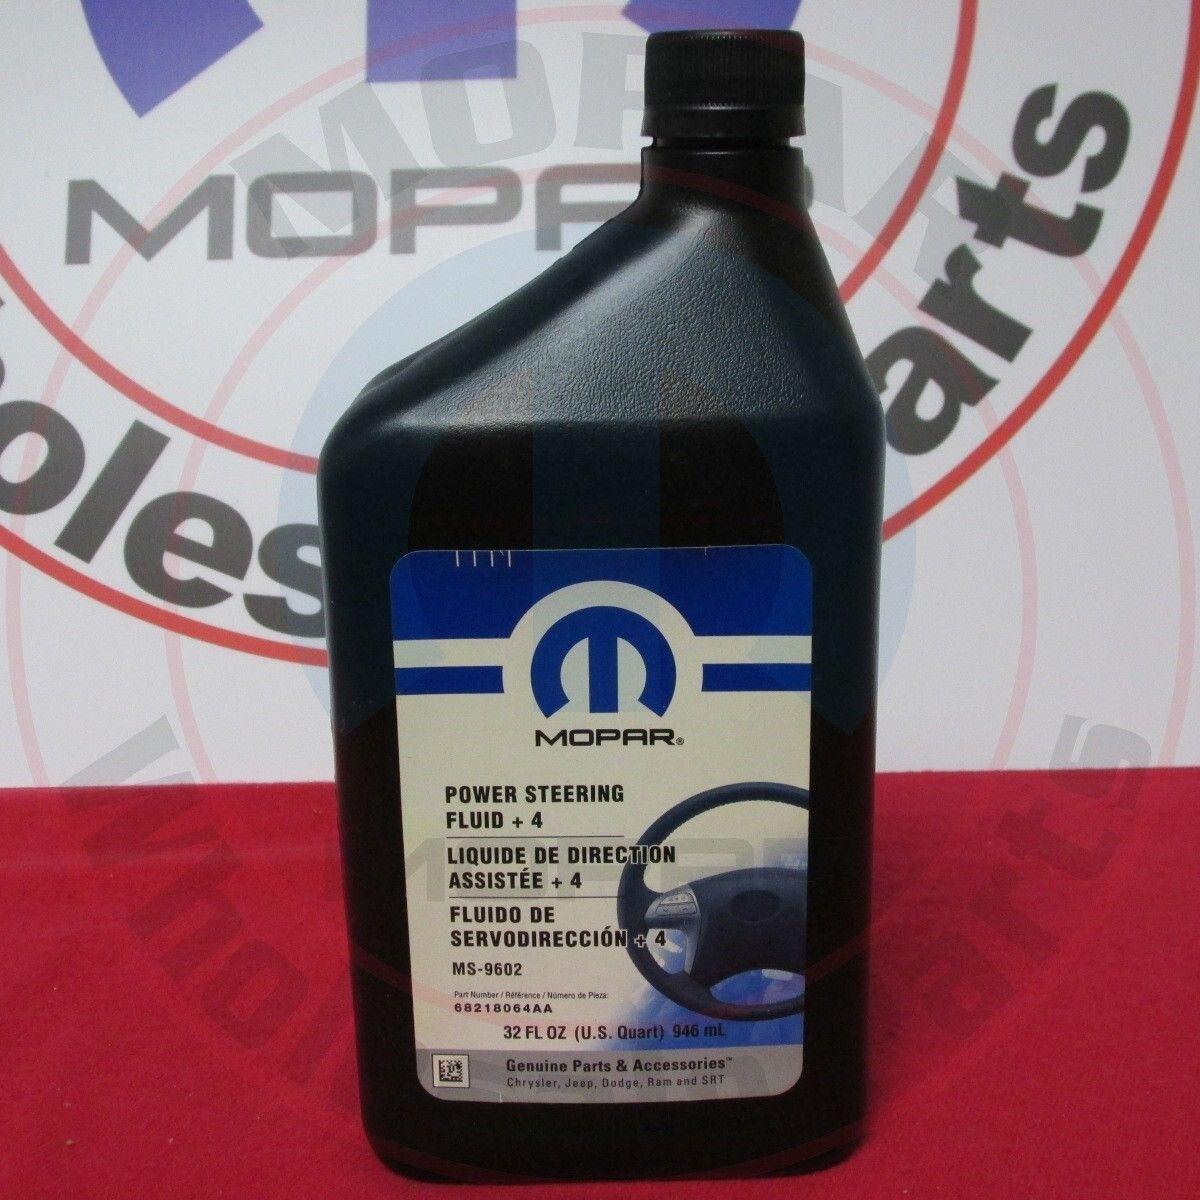 Genuine Mopar Fluid +4 Power Steering Fluid